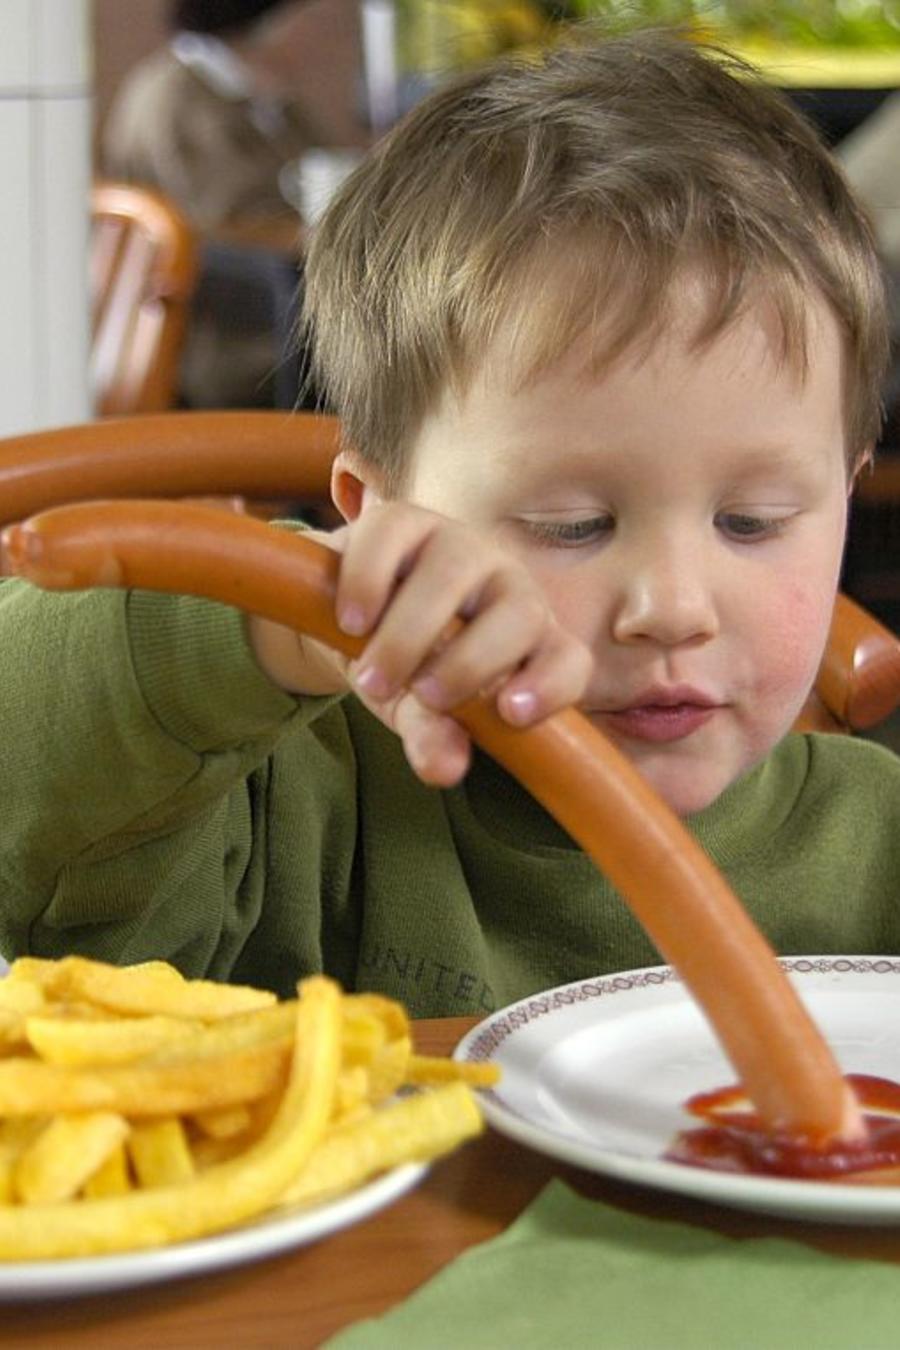 Kind isst in einem Schnellrestaurant Pommes frites und Wiener Wuerstchen mit Ketchup